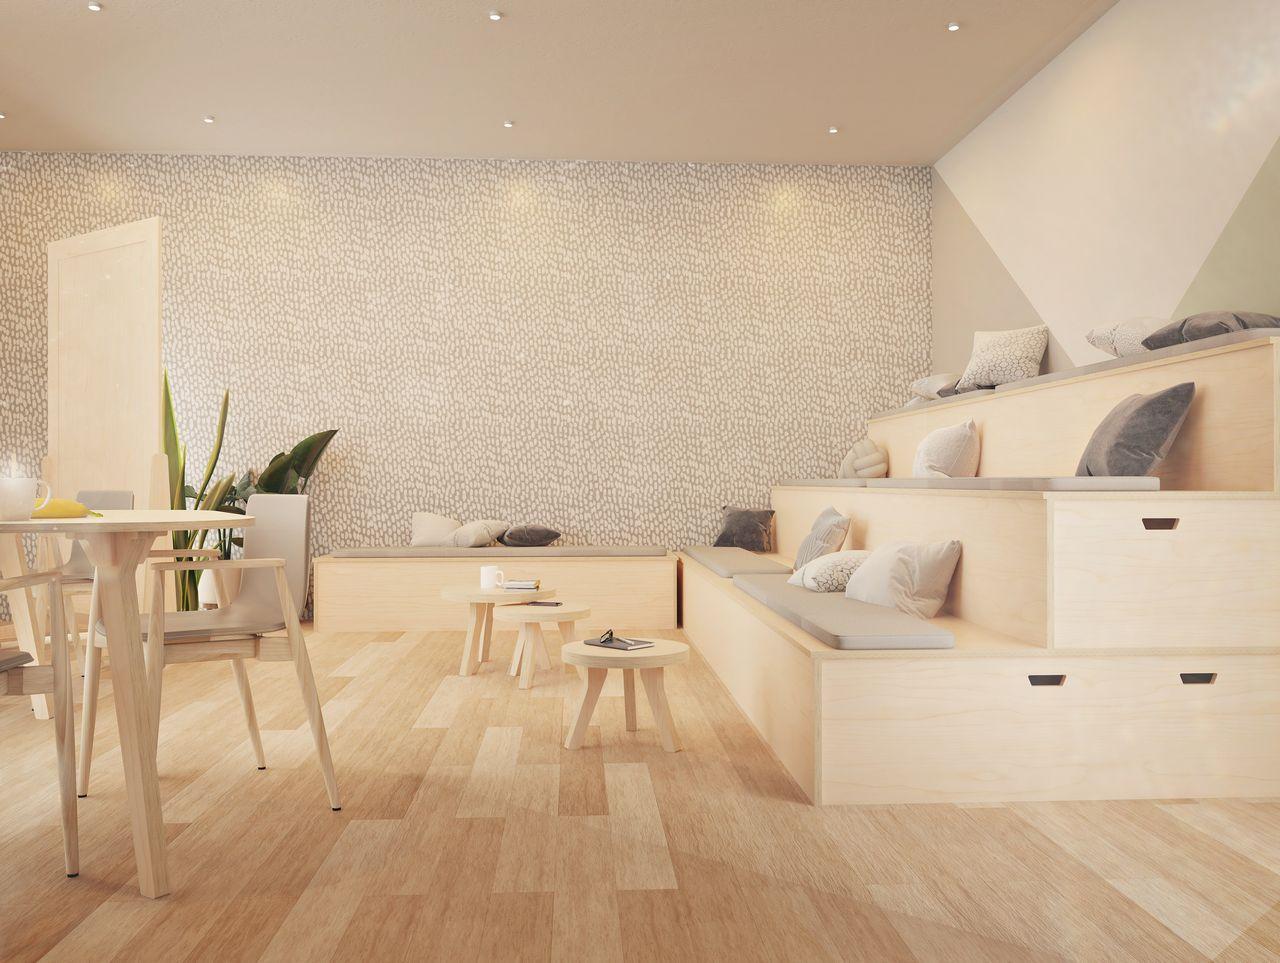 Auditorium formé de plusieurs estrades avec coussins. Modules de 1 à 3 niveaux dans un espace de travail collaboratif à l'ambiance scandinave.